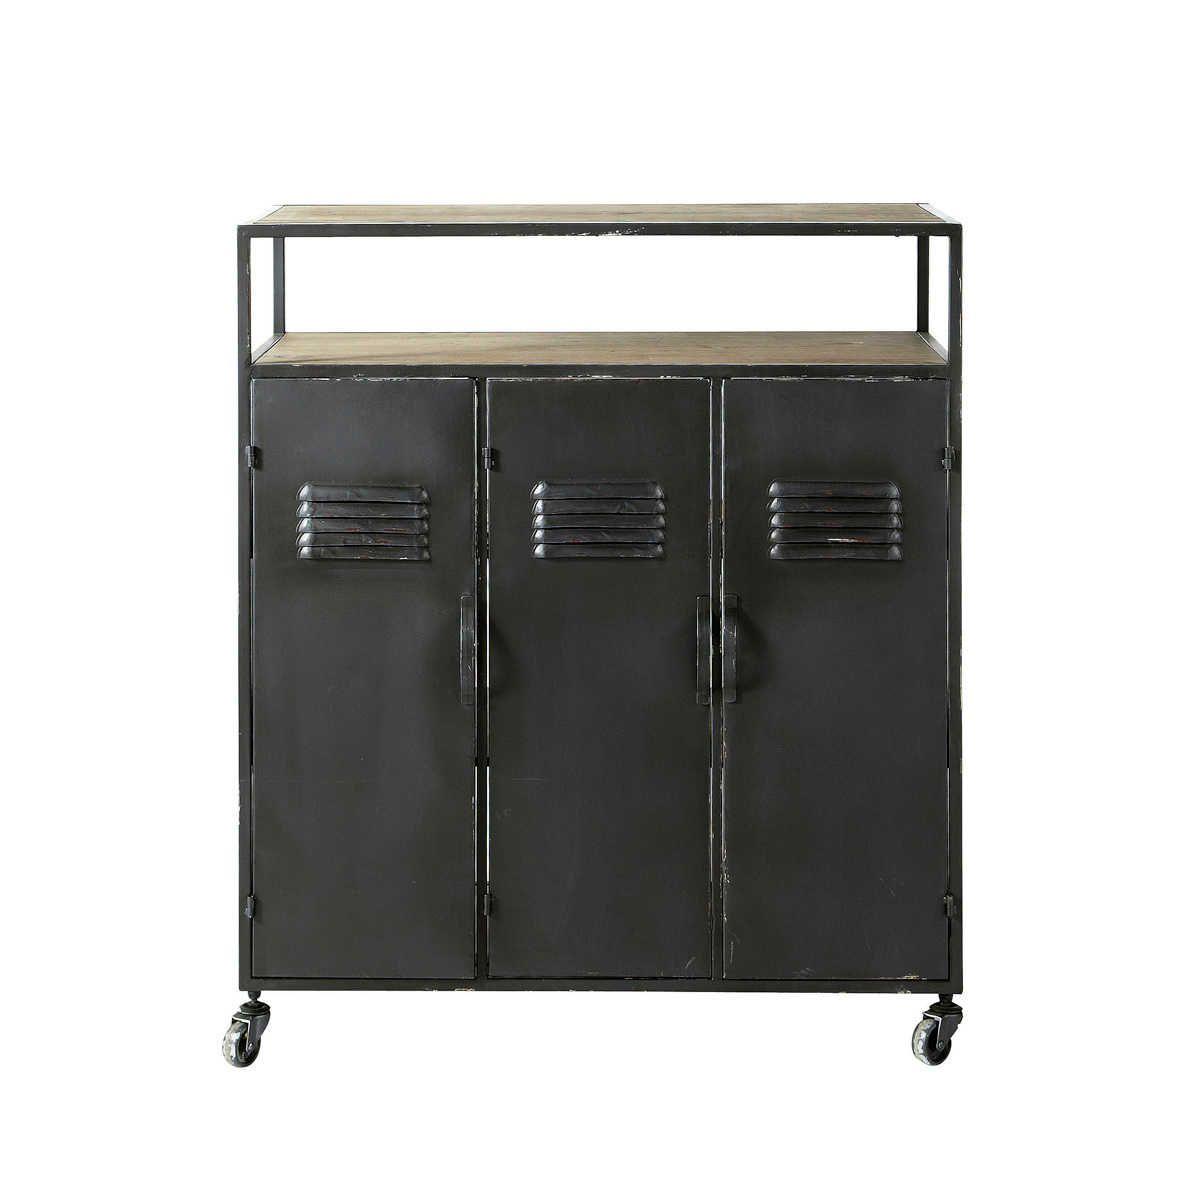 Mueble bar industrial con ruedas de metal gris antracita | Mueble ...